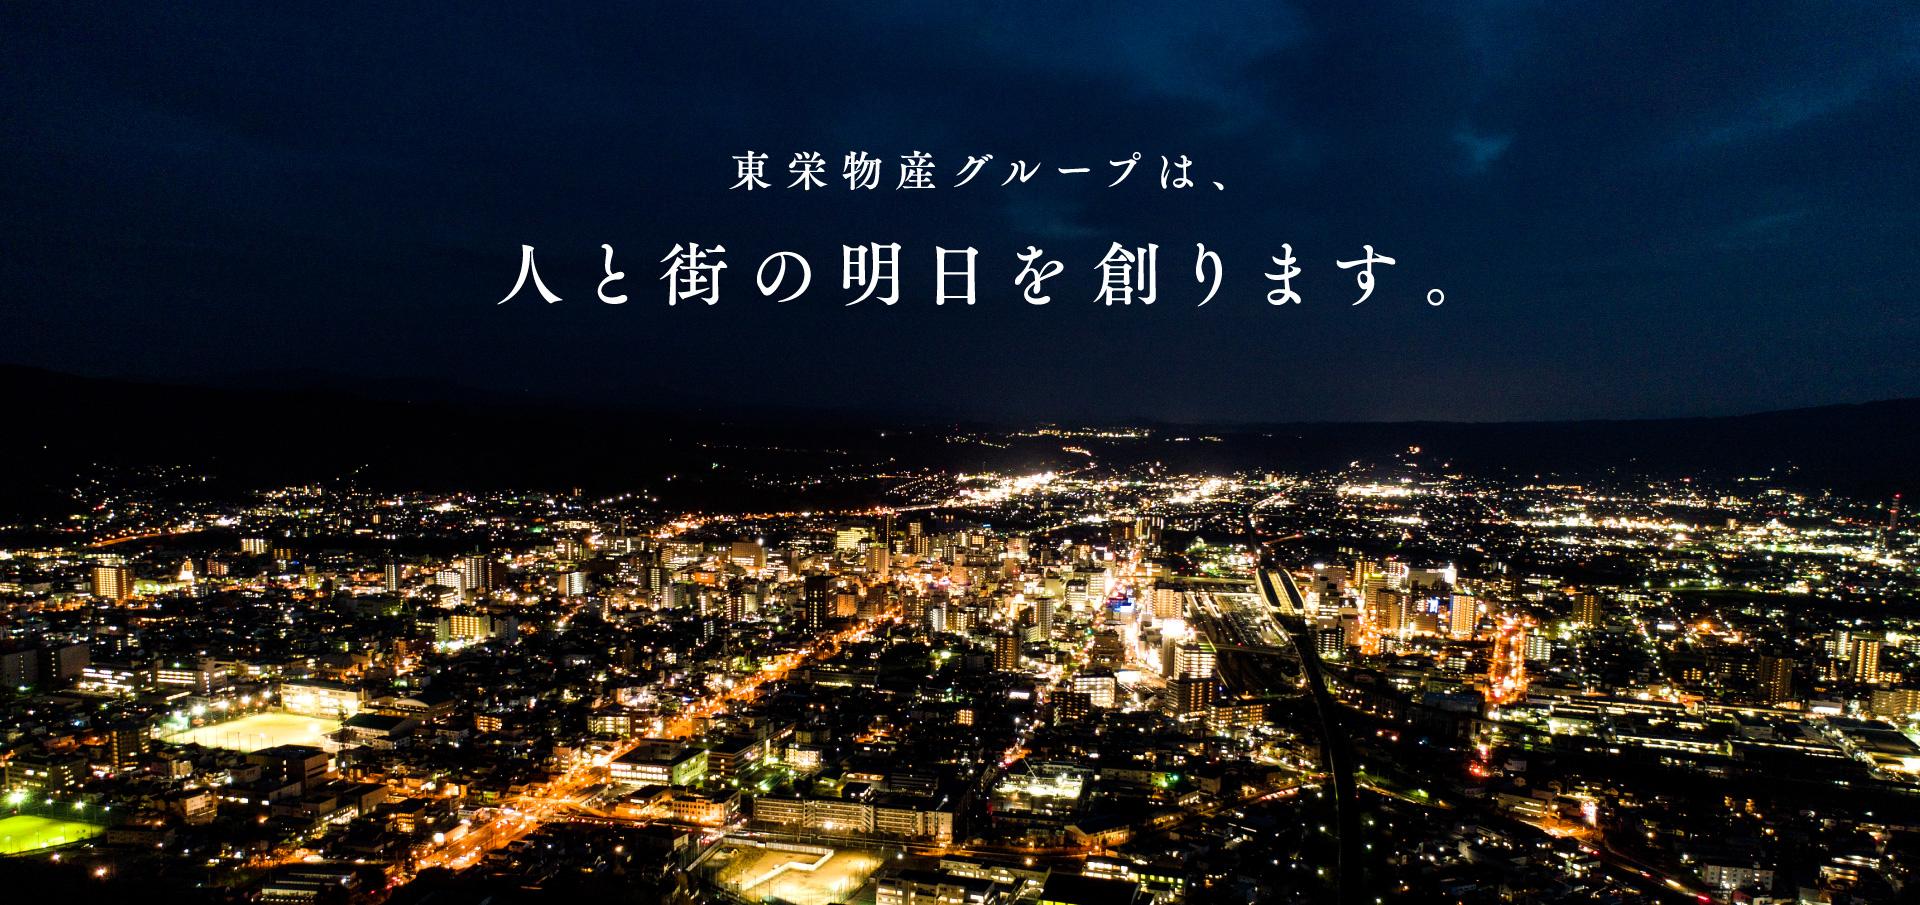 東栄物産グループは、人と街の明日を創ります。